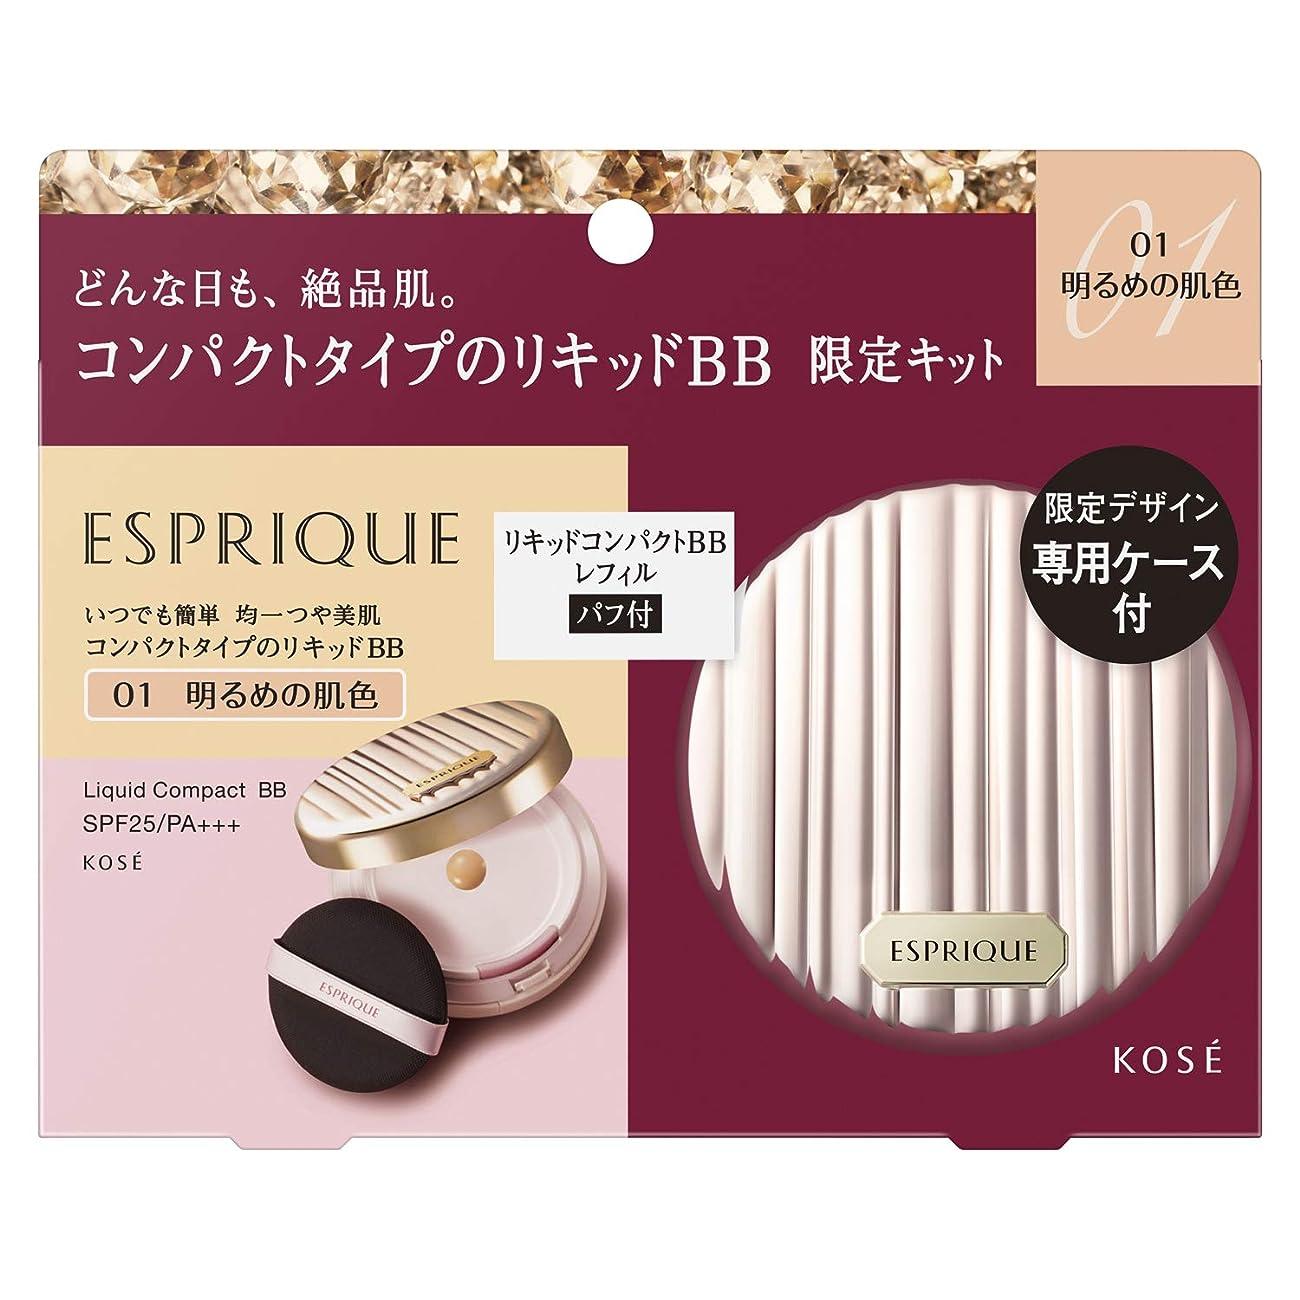 熱望する鍔約ESPRIQUE(エスプリーク) エスプリーク リキッド コンパクト BB 限定キット 2 BBクリーム 01 明るめの肌色 セット 13g+ケース付き